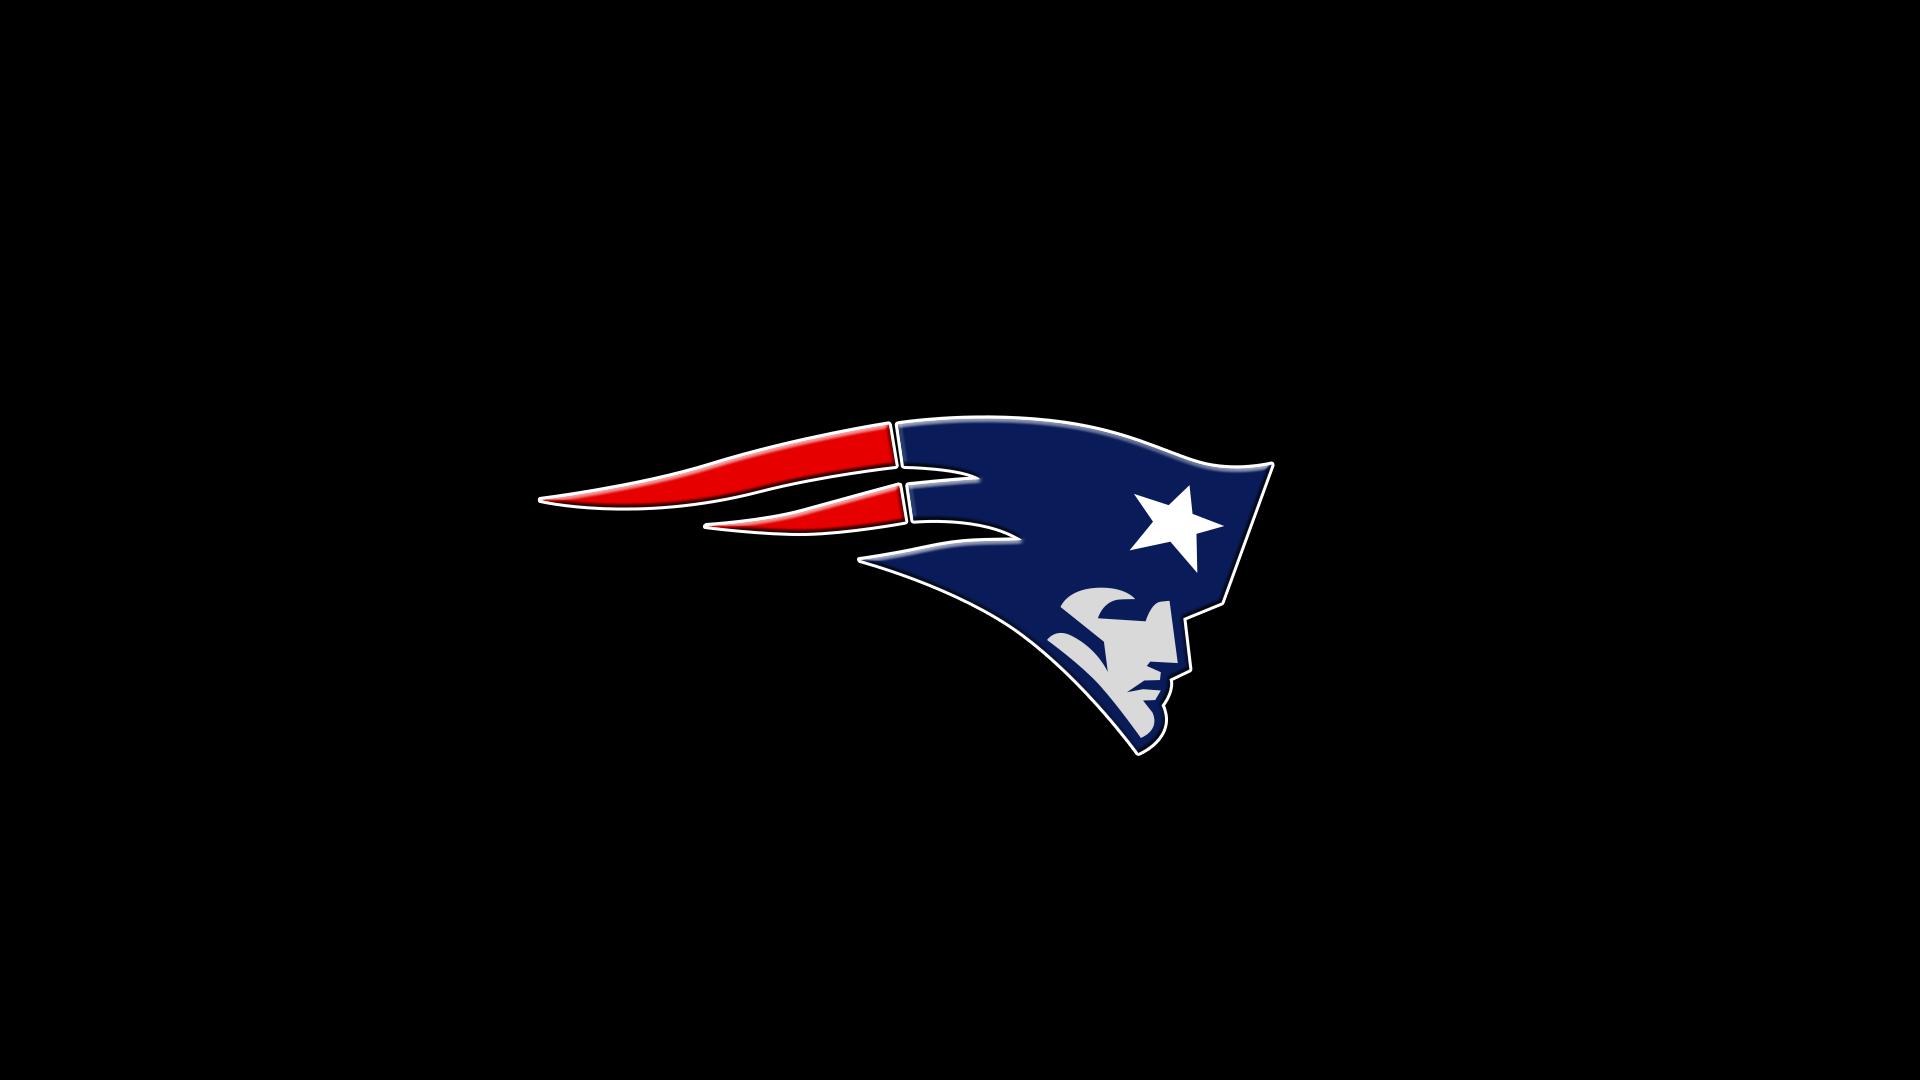 Patriots Desktop Nexus Wallpaper New England Patriots Wallpaper New England Patriots Logo New England Patriots